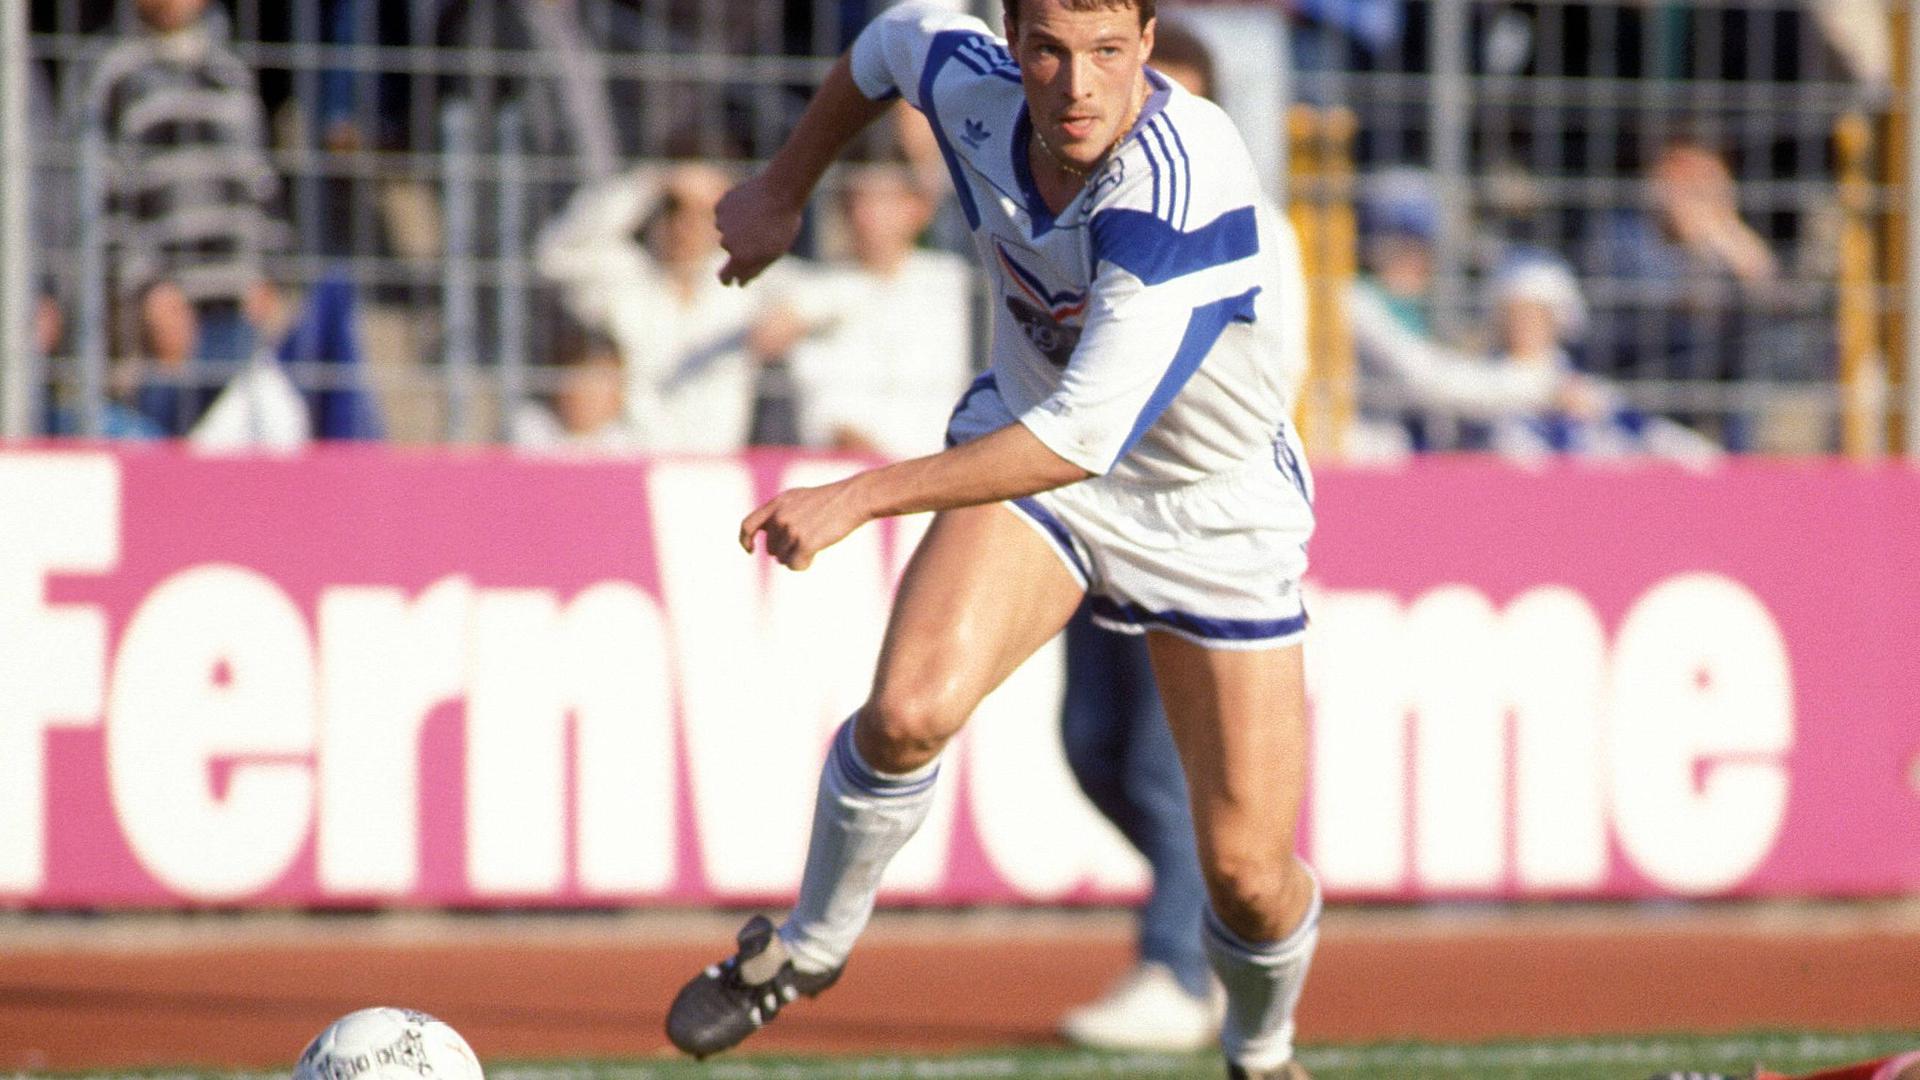 Schnell mit Ball: Rainer Schütterle stürmte 1989 kurz vor dem Mauerfall bei einem Freundschaftsspiel in Leipzig für den KSC.